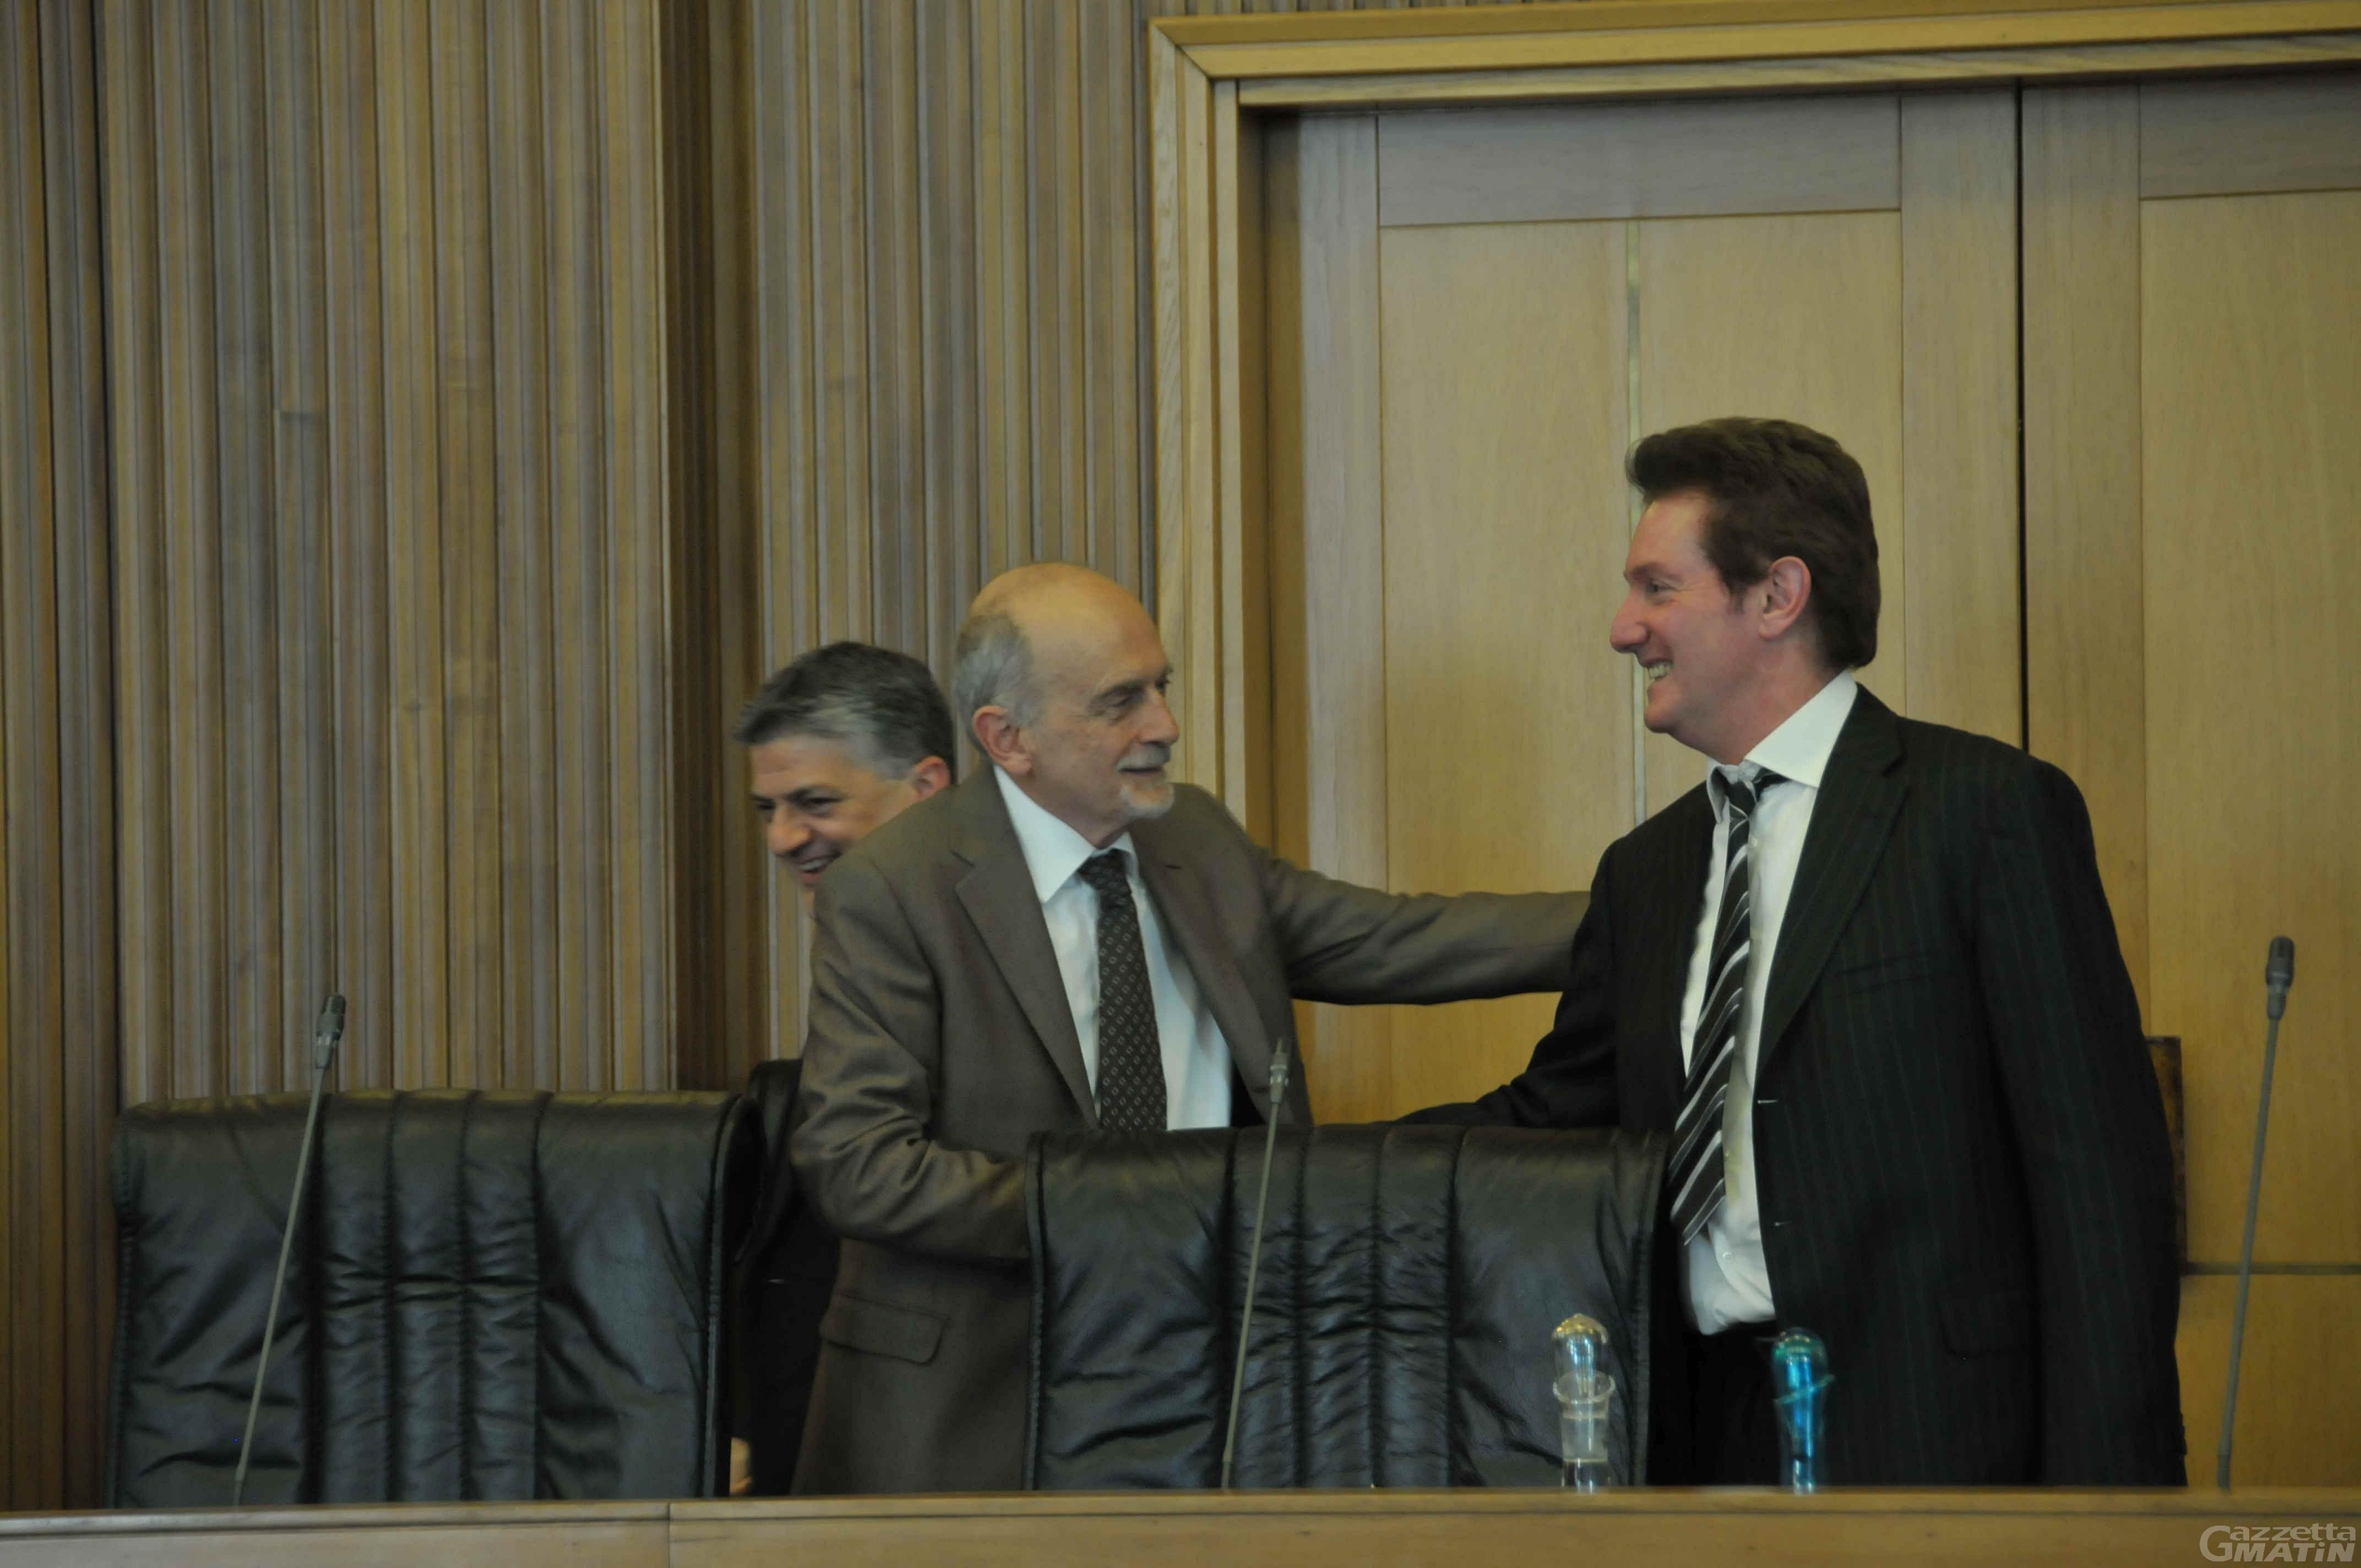 Regionali: Paolo Contoz fa un passo indietro e non si candida